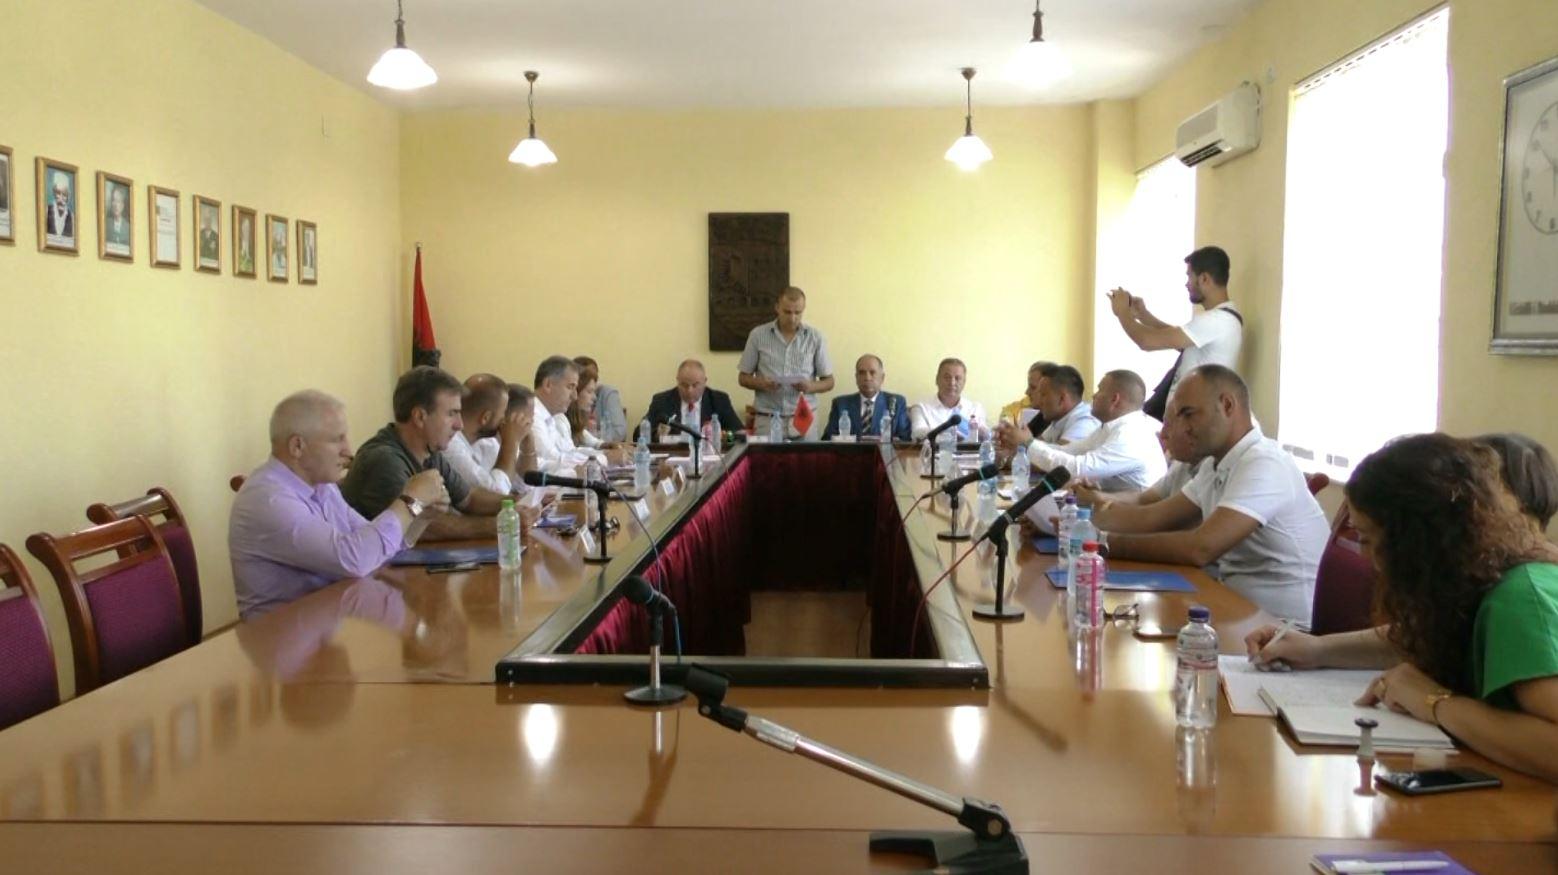 Konstituohet Këshilli i ri i Qarkut Kukës, pushteti vendor në duart e socialistëve